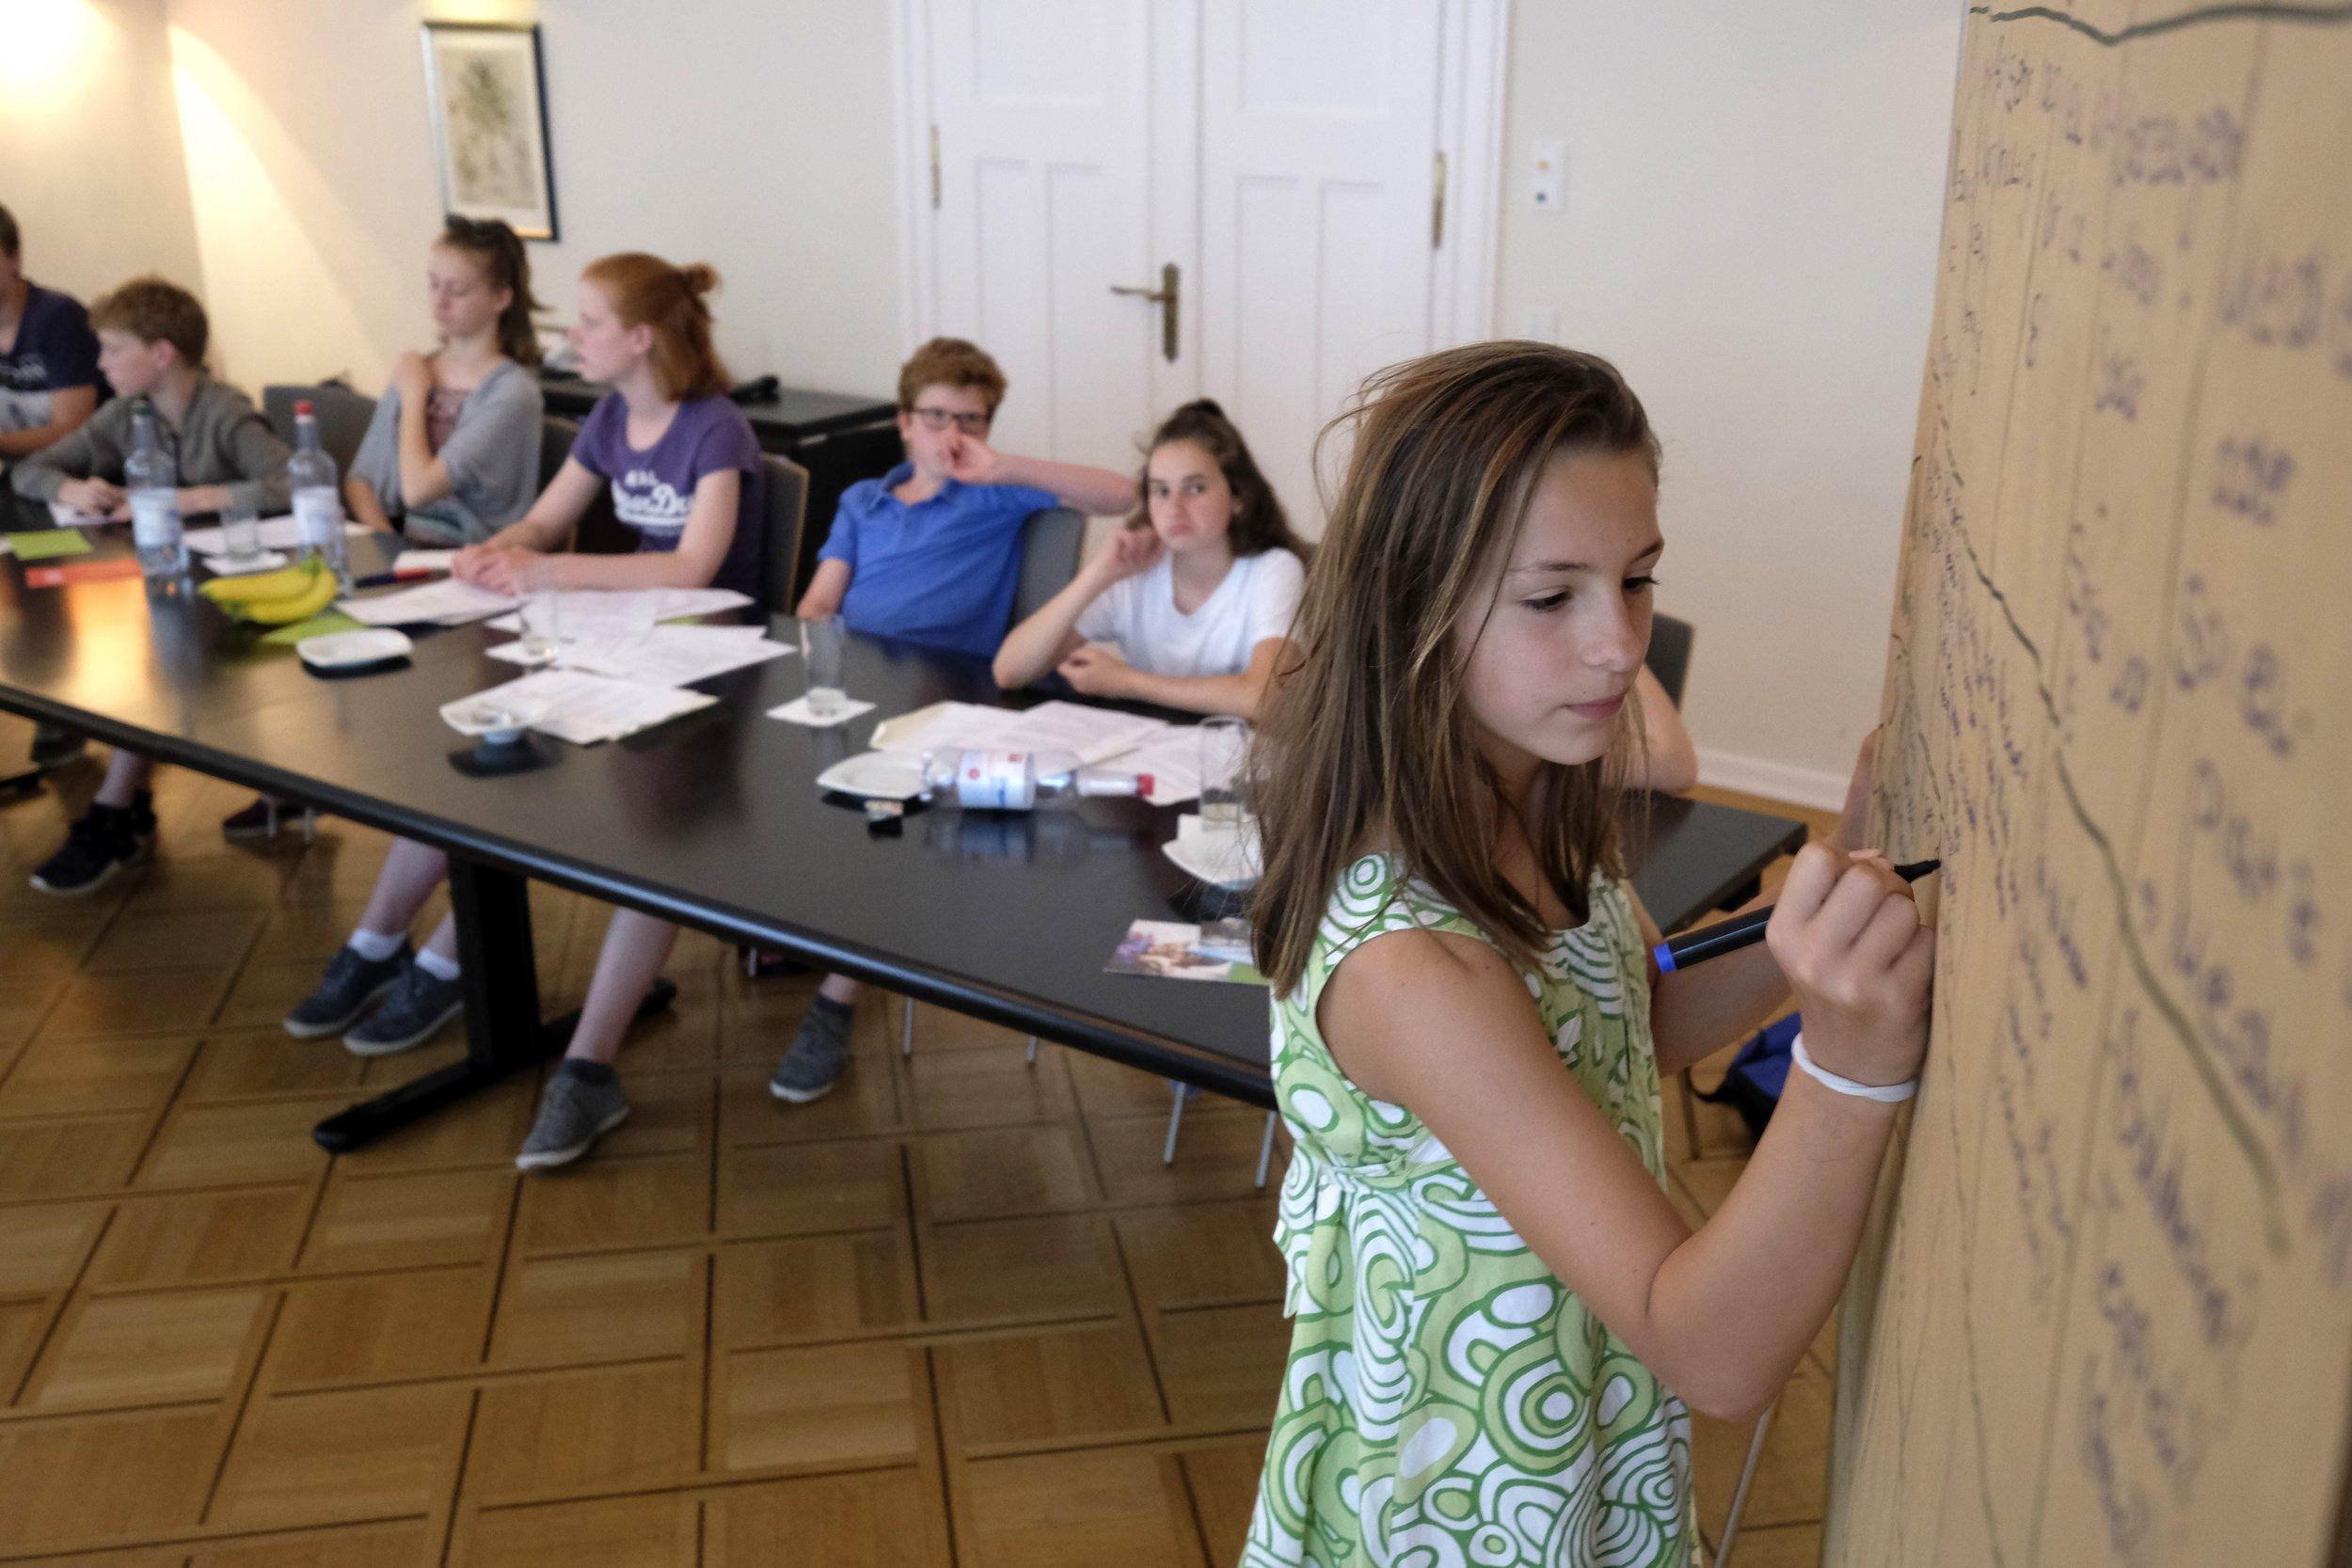 Bild vom CHILDREN Kinderbeirat (Partizipation): Ein Mädchen macht Notizen auf einer Stellwand